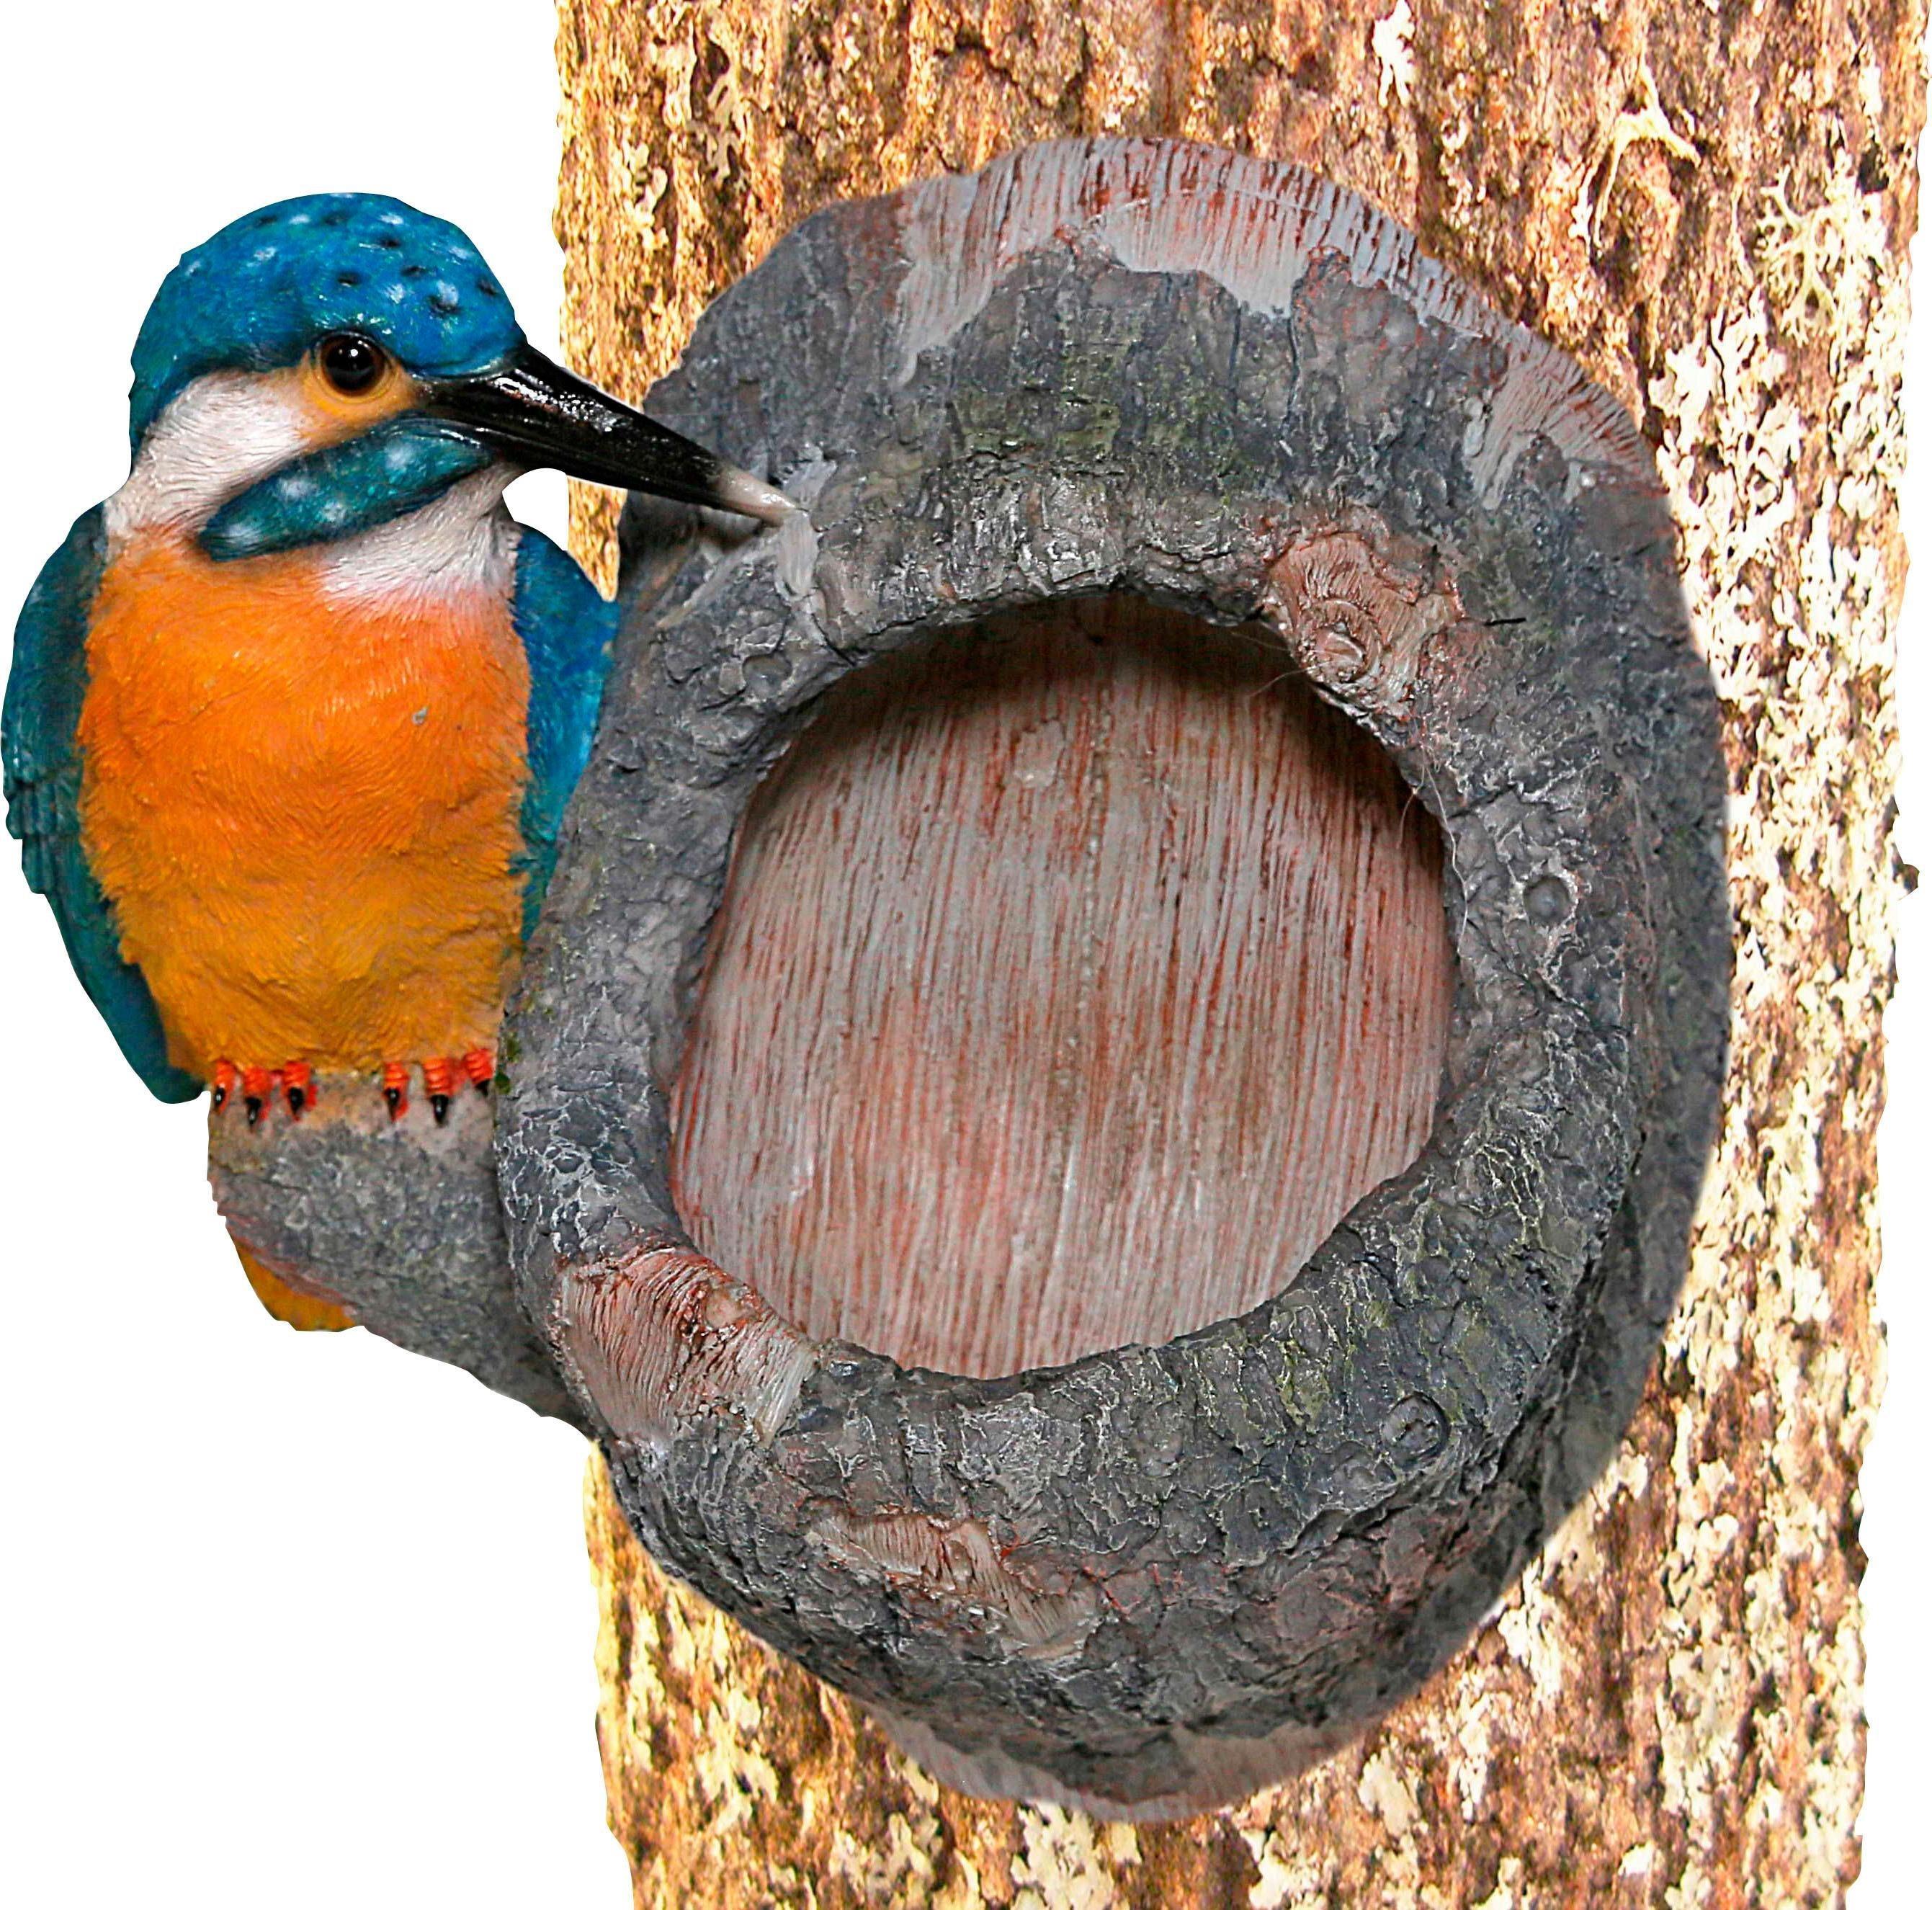 Tierfigur»Eisvogel am Stamm« mit Baumbefestigung